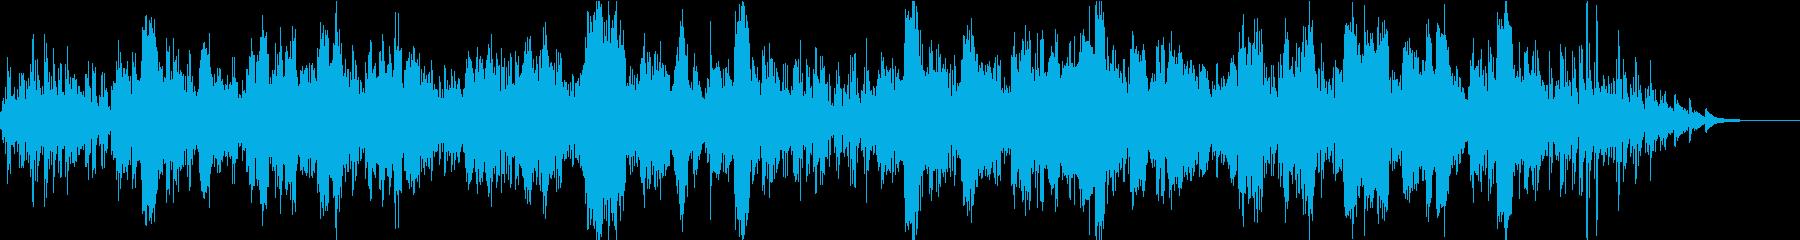 シューベルトのアベマリア_オペラ風の再生済みの波形